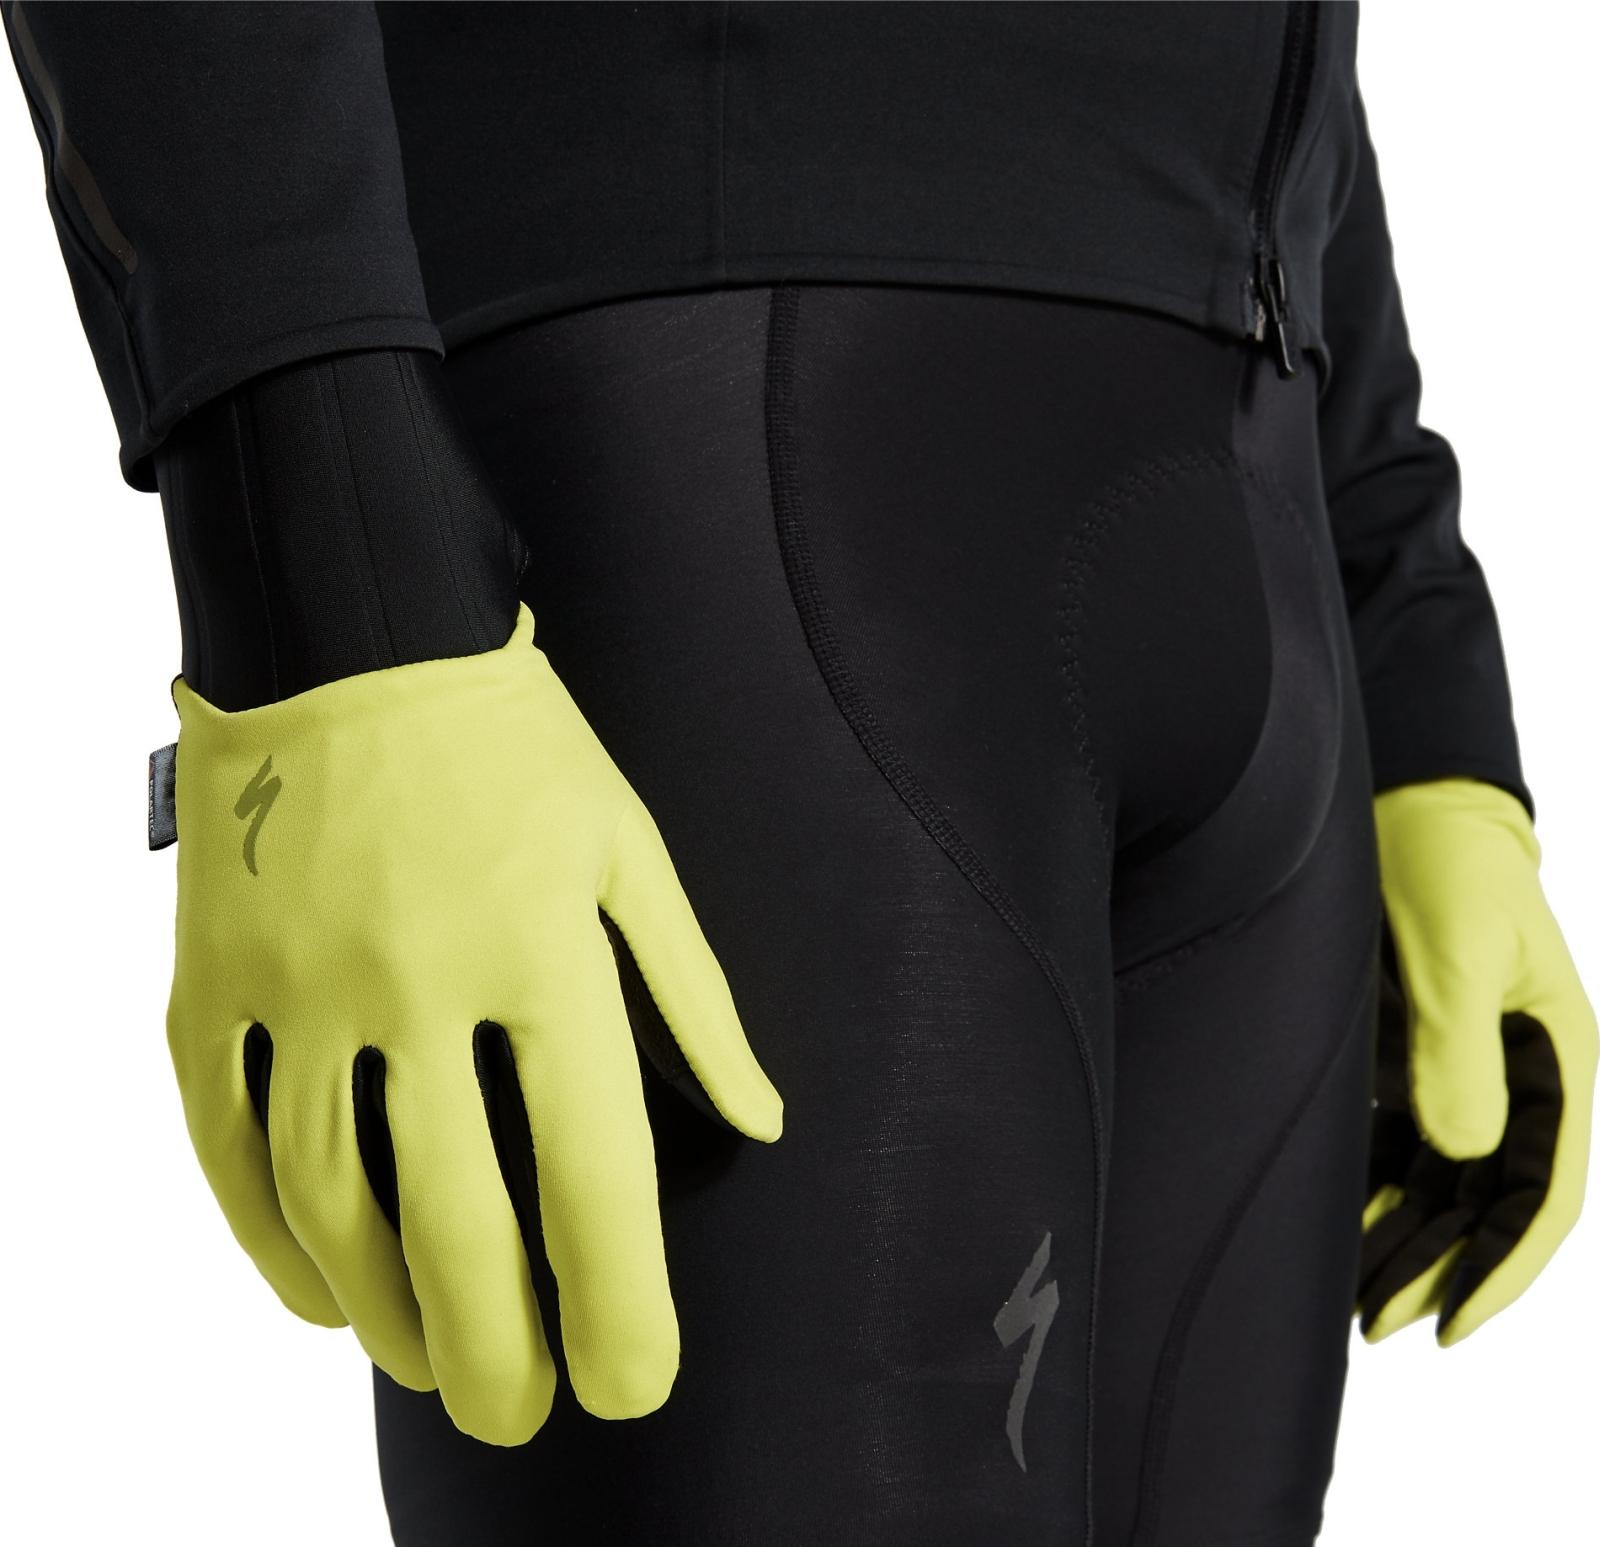 E-shop Specialized Men Hyprviz Neoshell Thermal Glove - hyprviz L